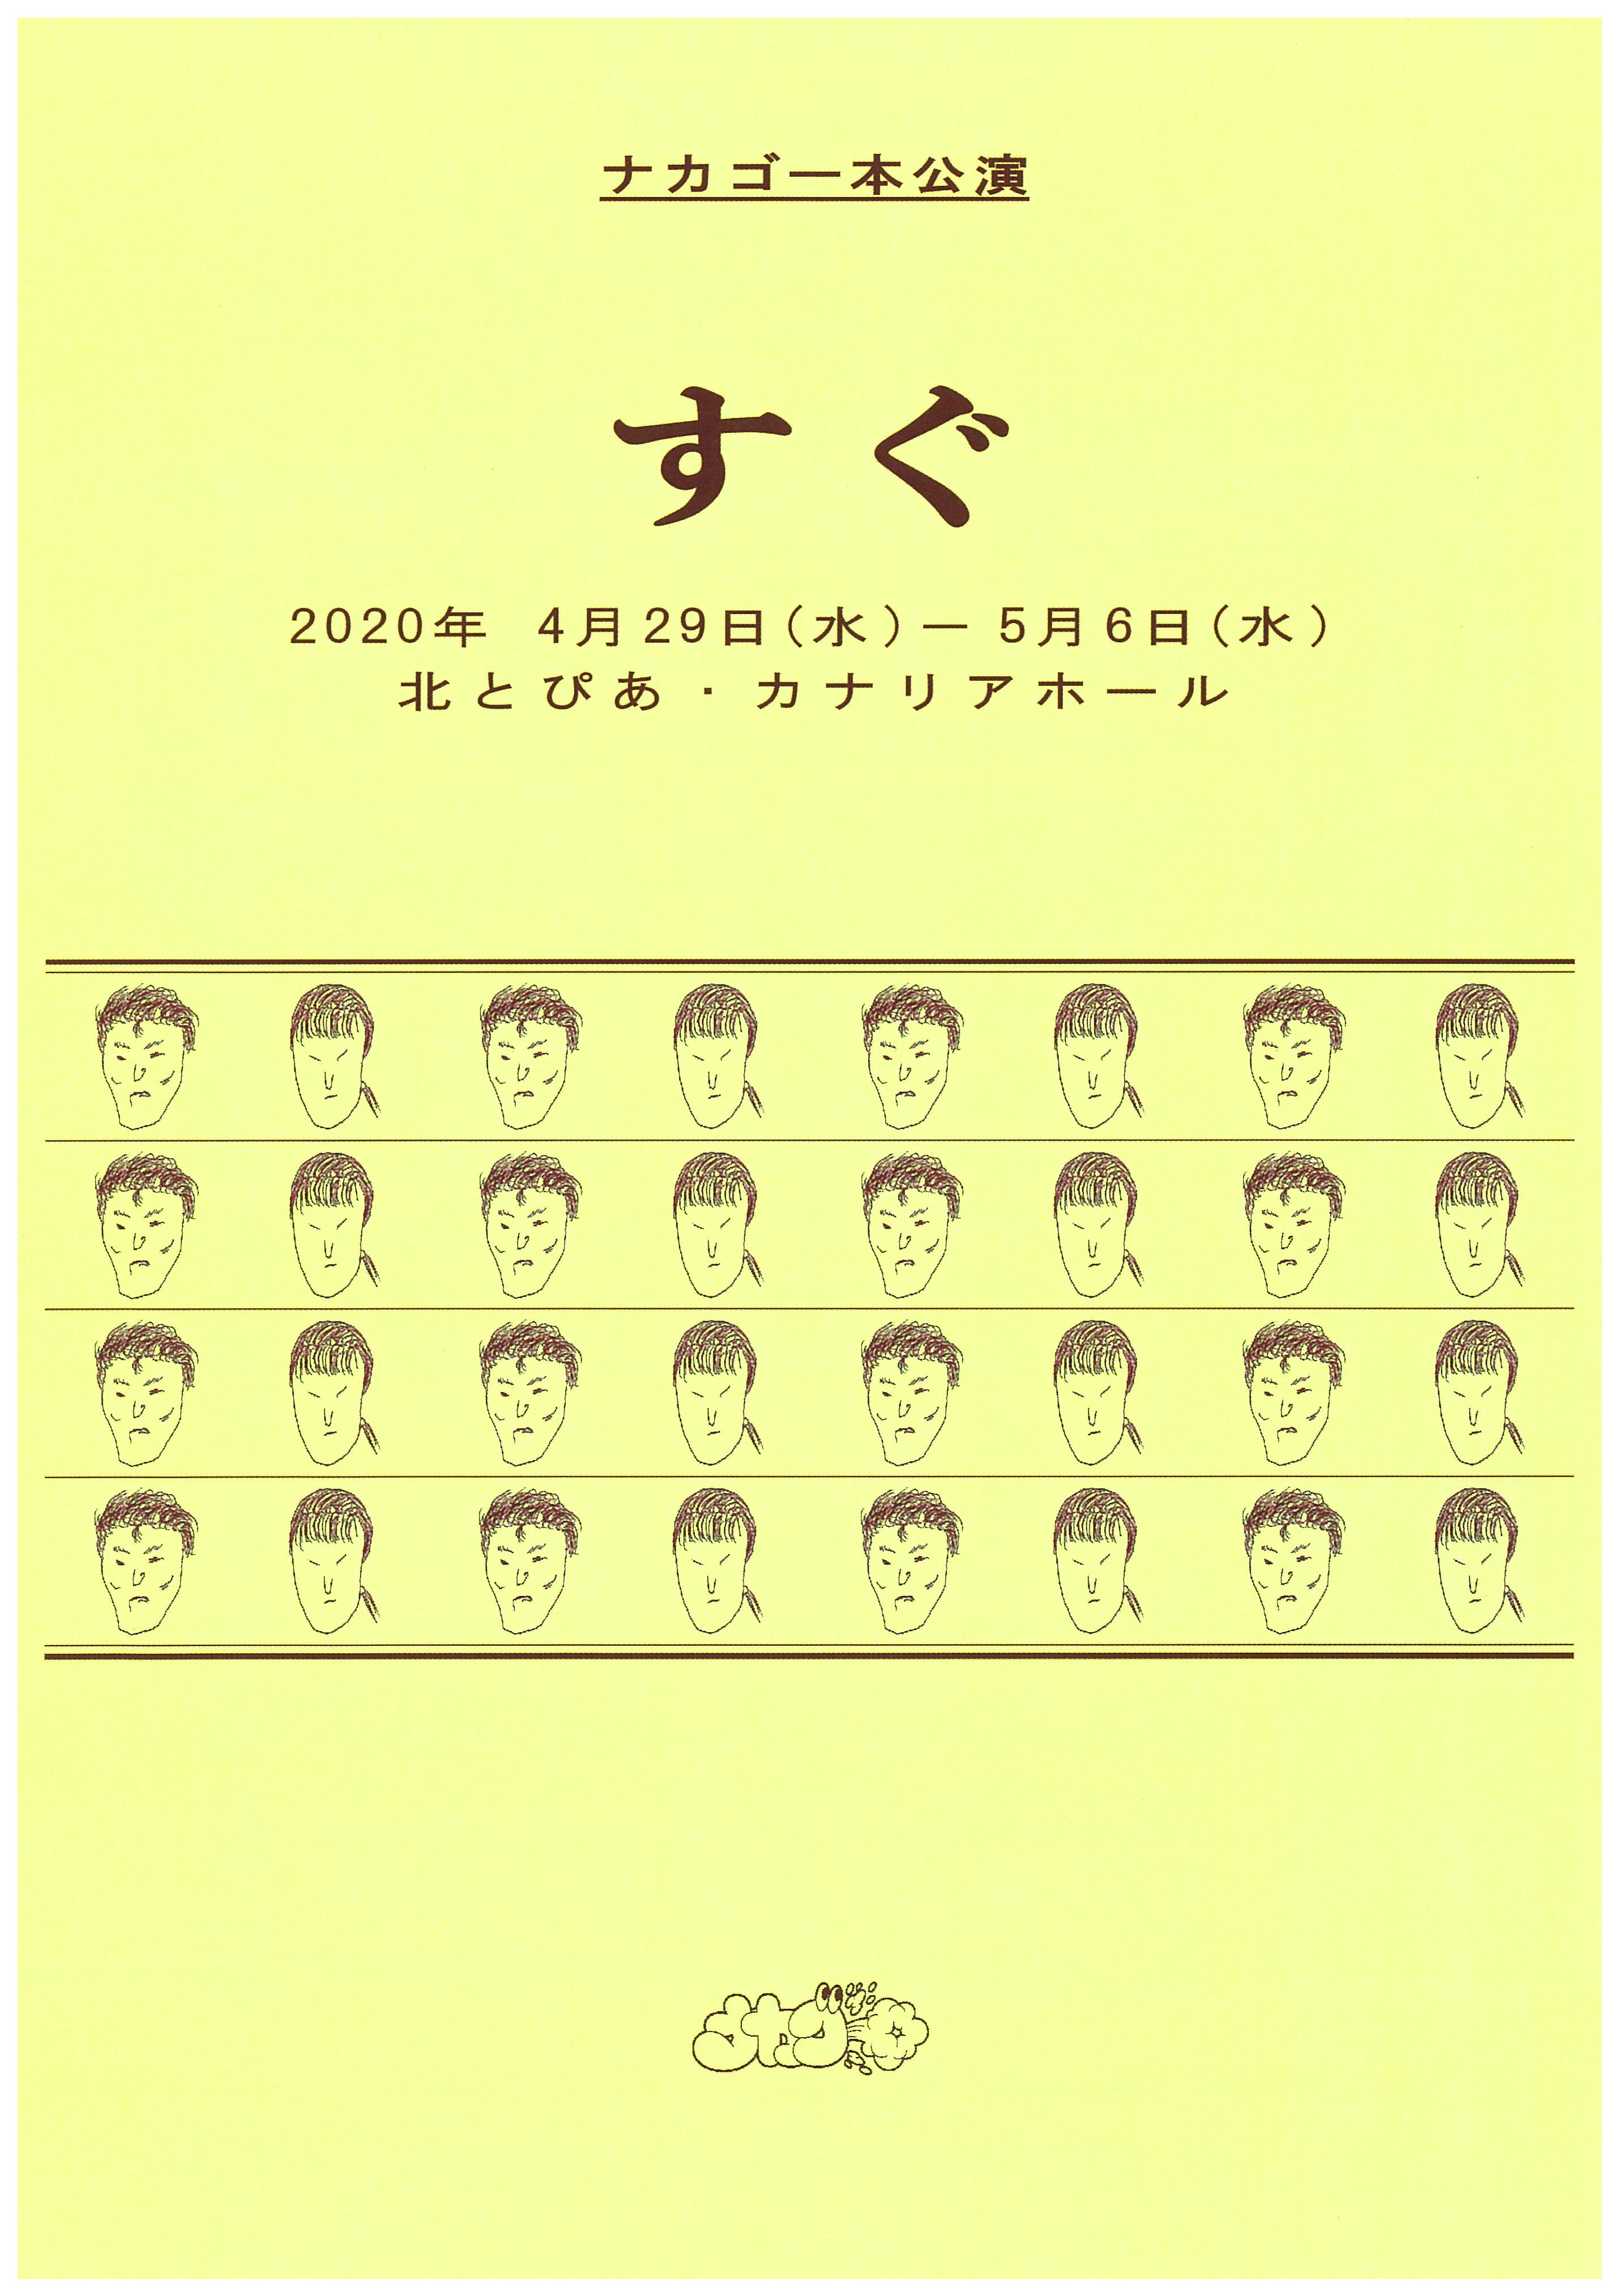 【公演中止】ナカゴー本公演 すぐの画像